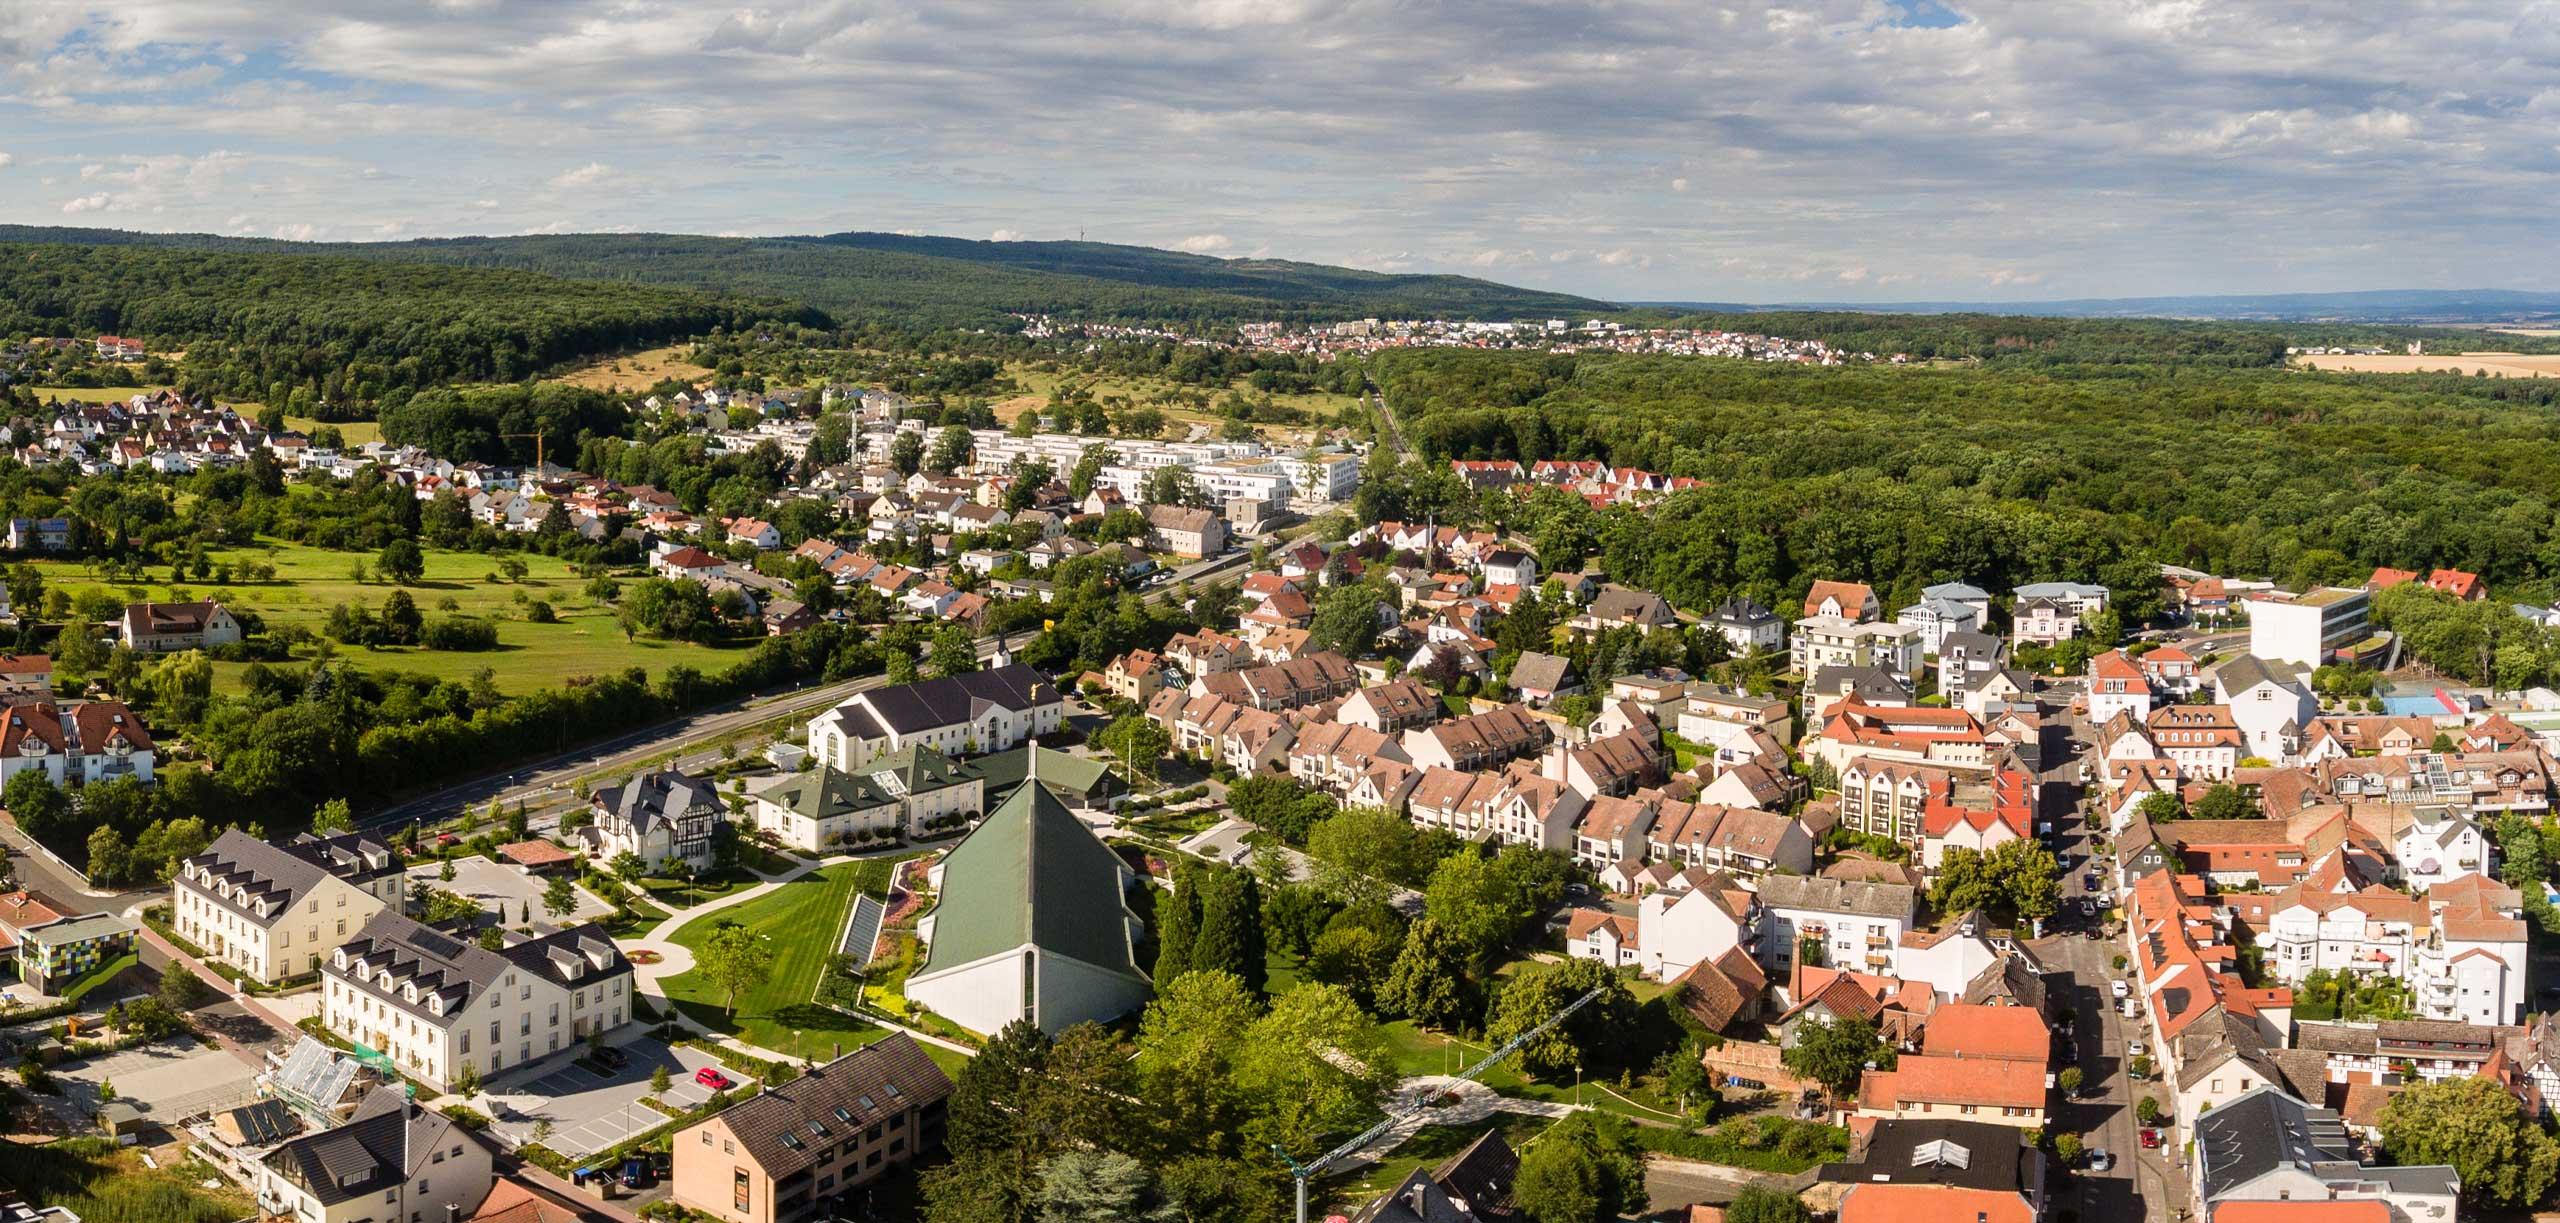 Luftaufnahme von Friedrichsdorf